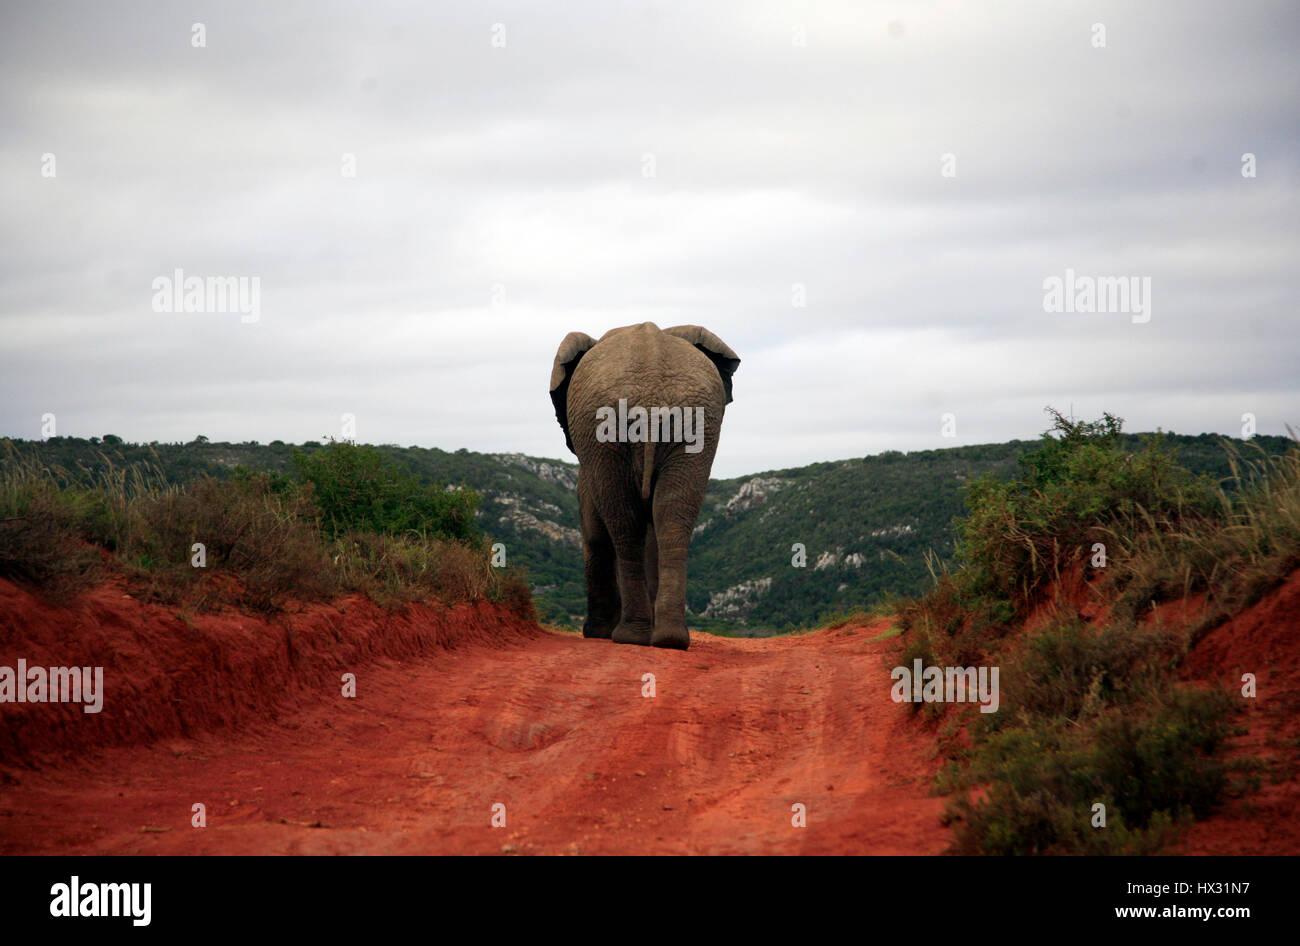 Ein Elefant geht entlang einer Strecke während einer Safari in einem privaten Wildreservat in Südafrika 19. März 2017. © John Voos Stockfoto